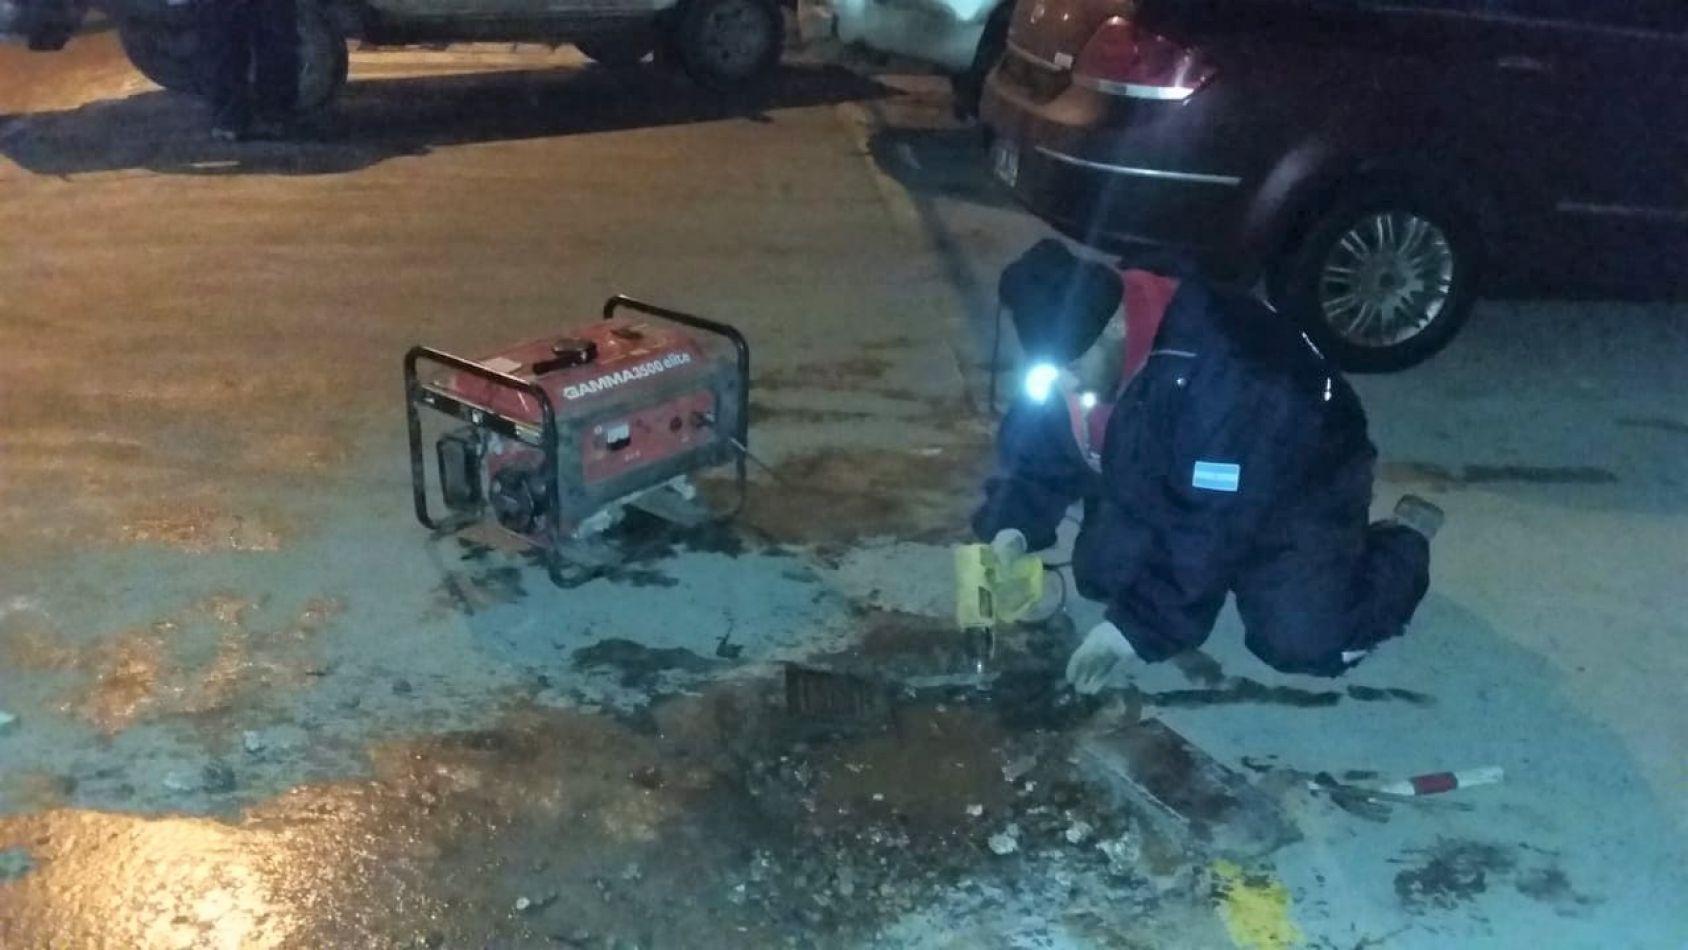 Obras Sanitarias auxiliando a vecinos con problemas de congelamiento en sus cañerías domiciliarias